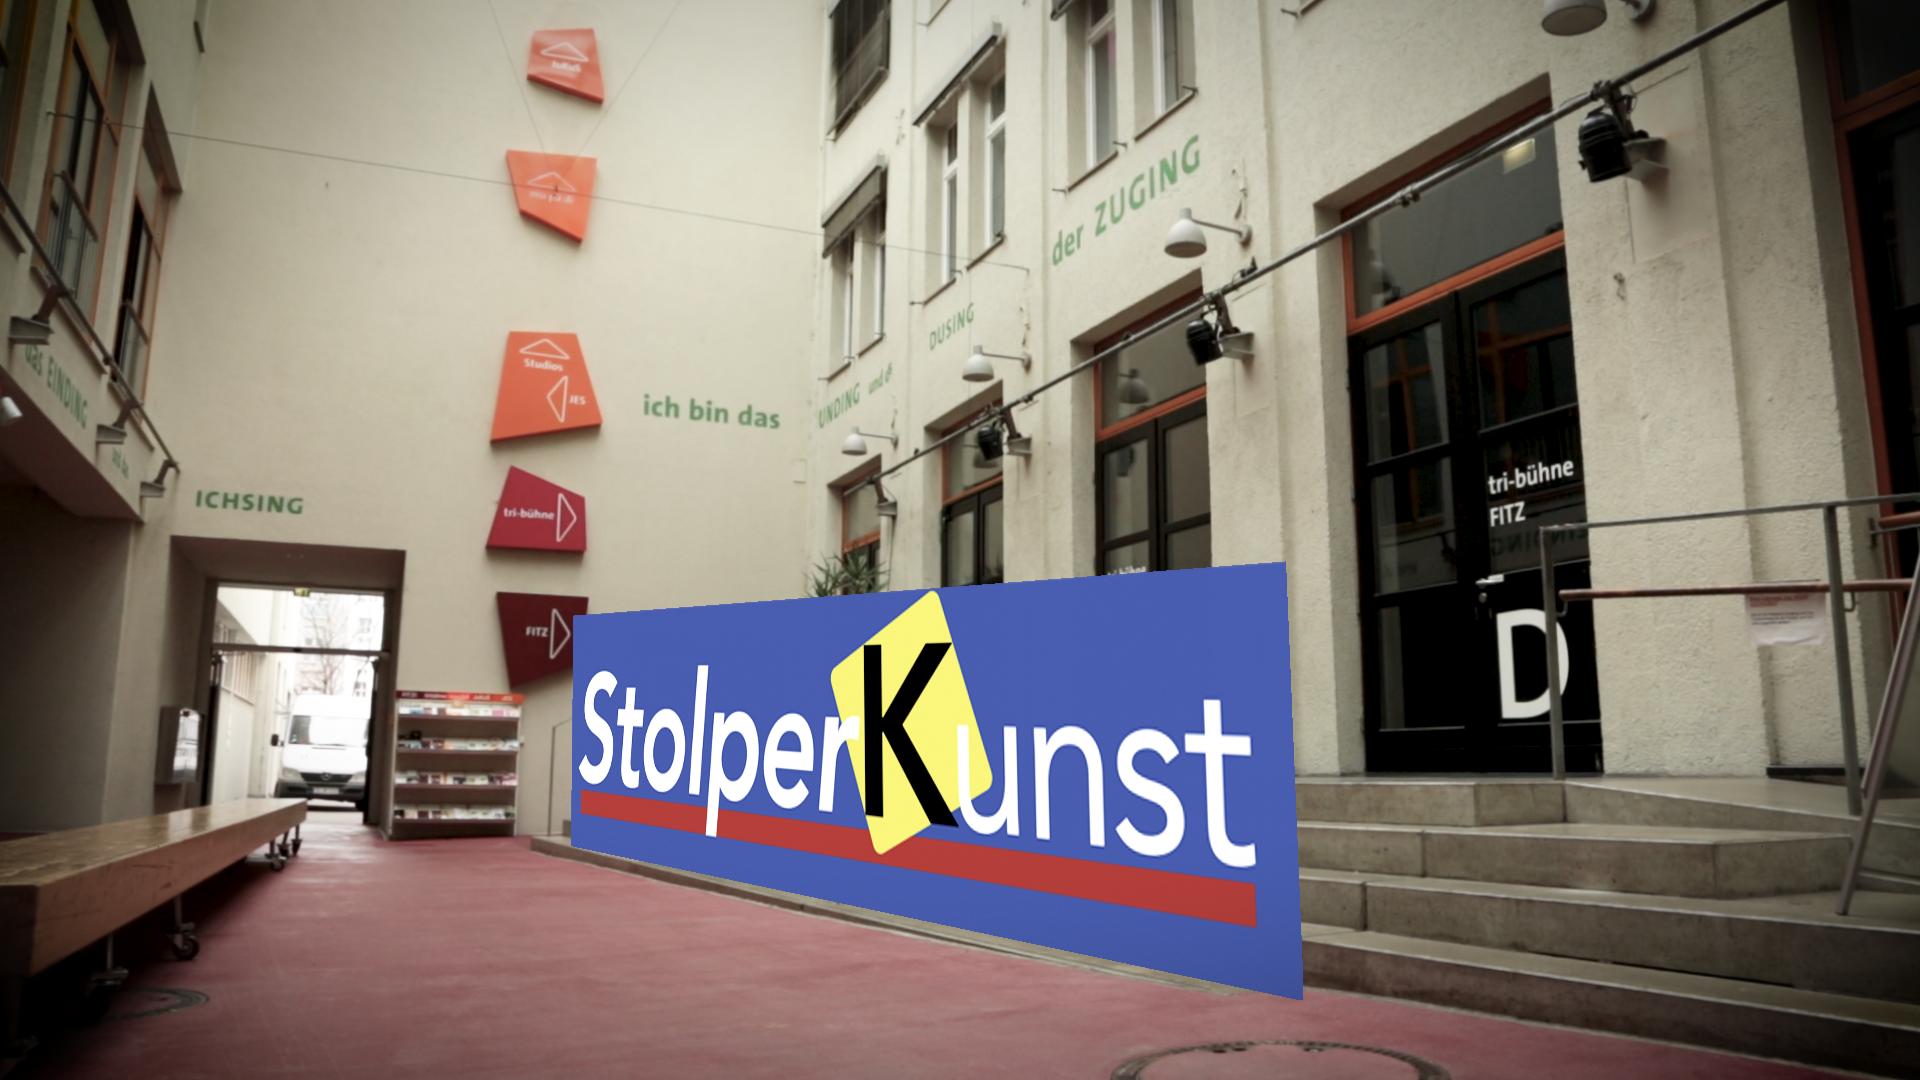 Unterstützt StolperKunst!